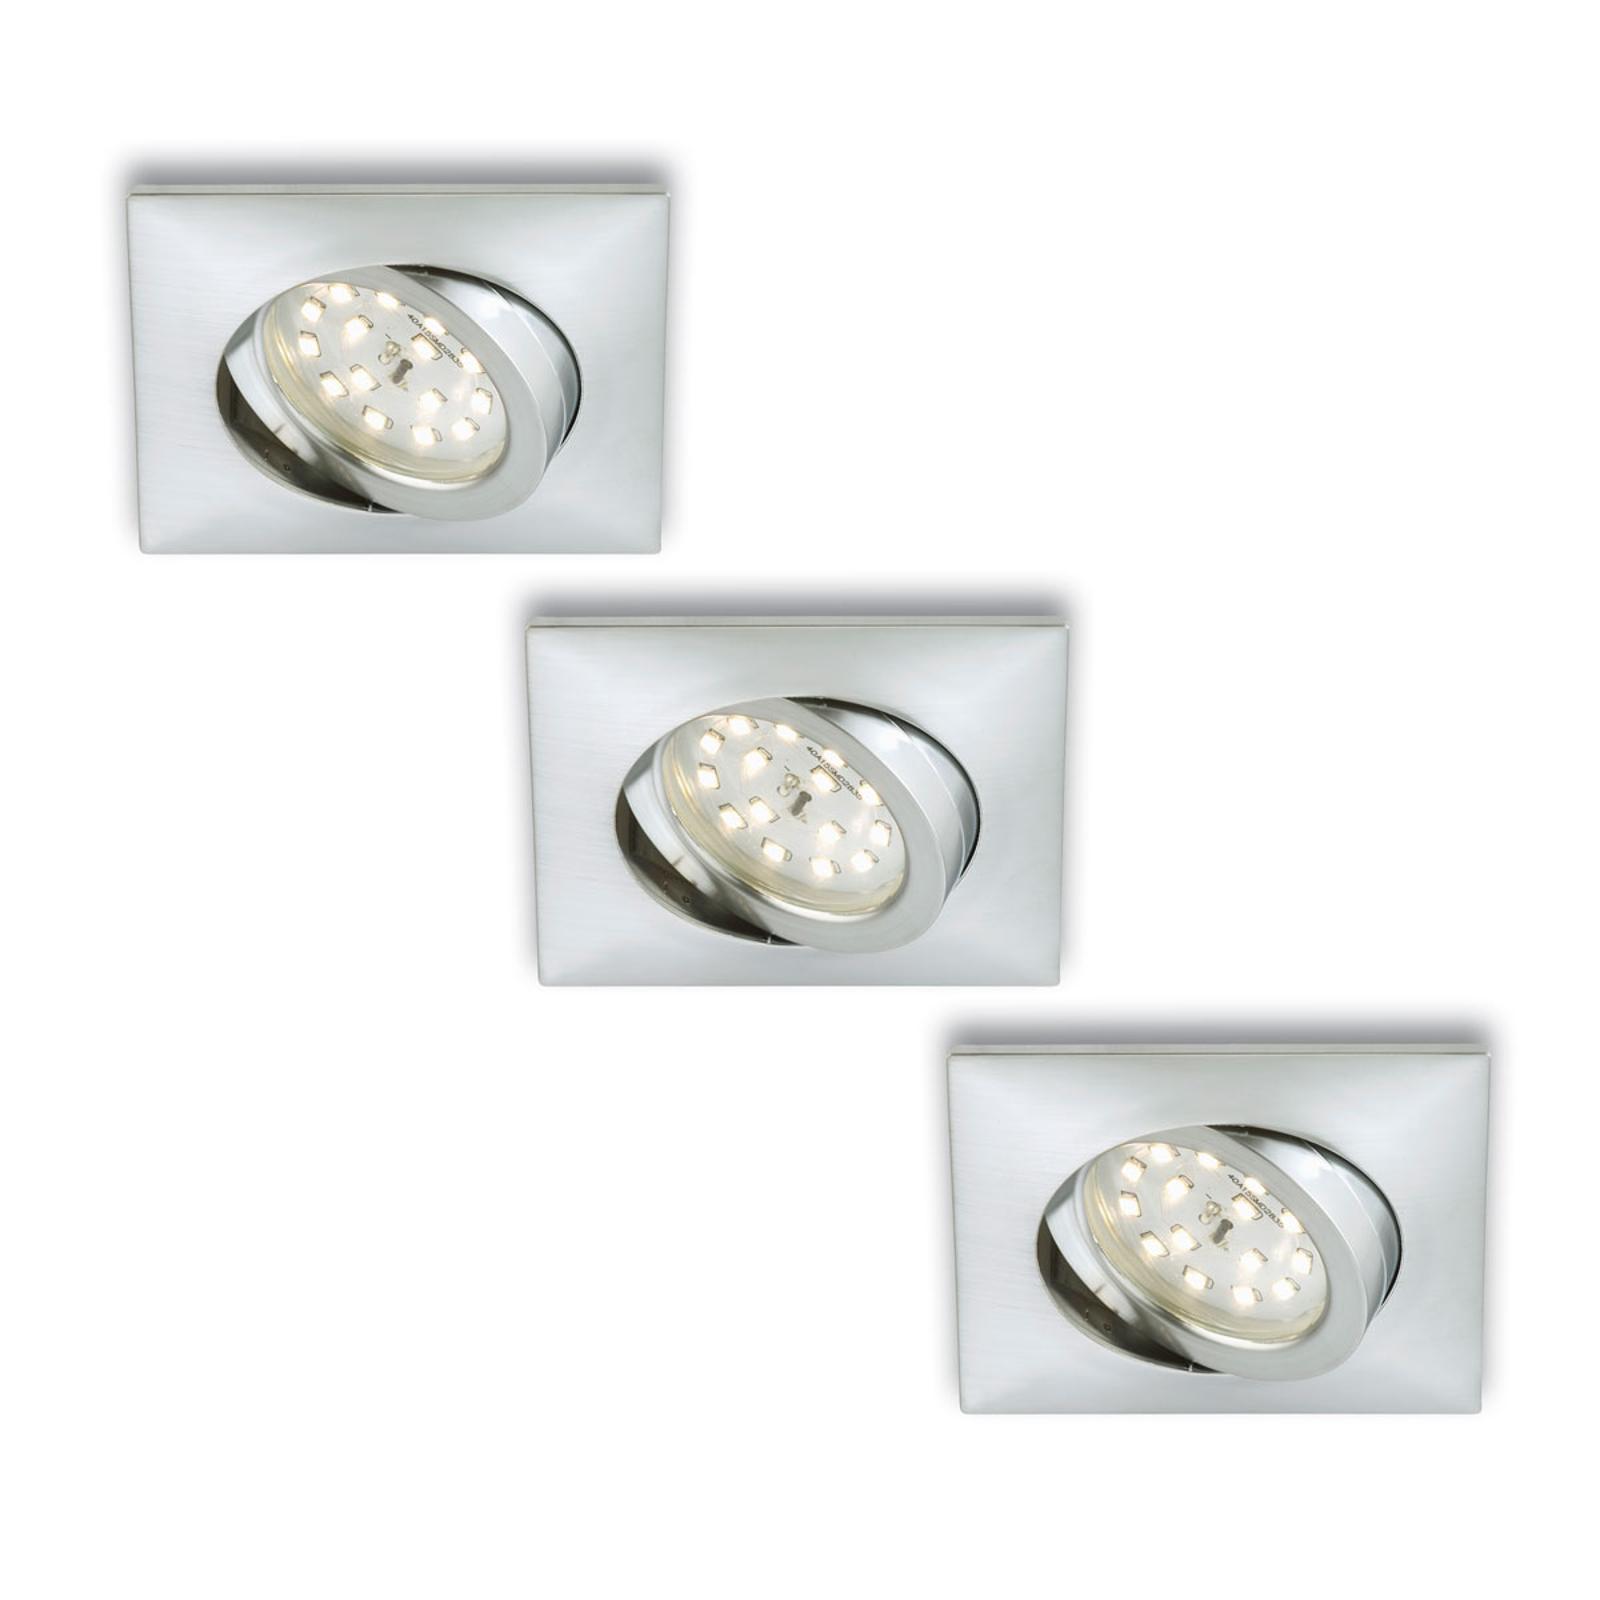 Rect. LED recessed light Erik, aluminium, set of 3_1510296_1